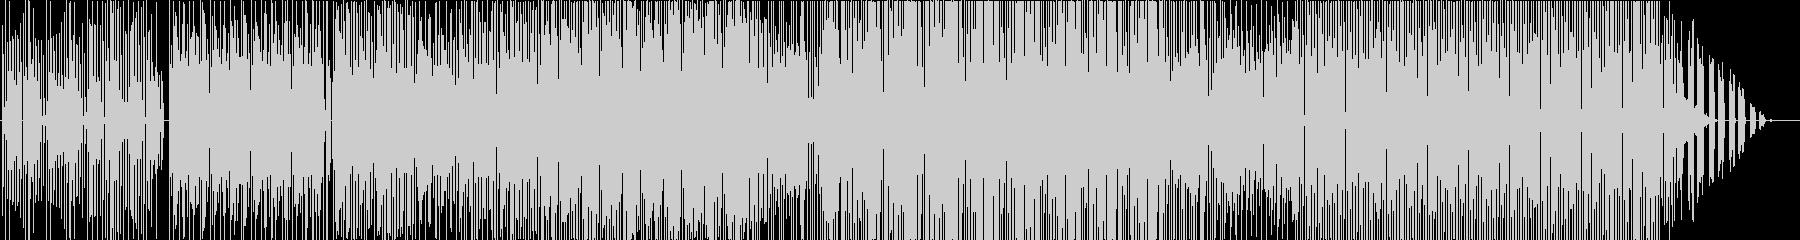 視覚と聴覚を失った事を想像する抽象音楽の未再生の波形